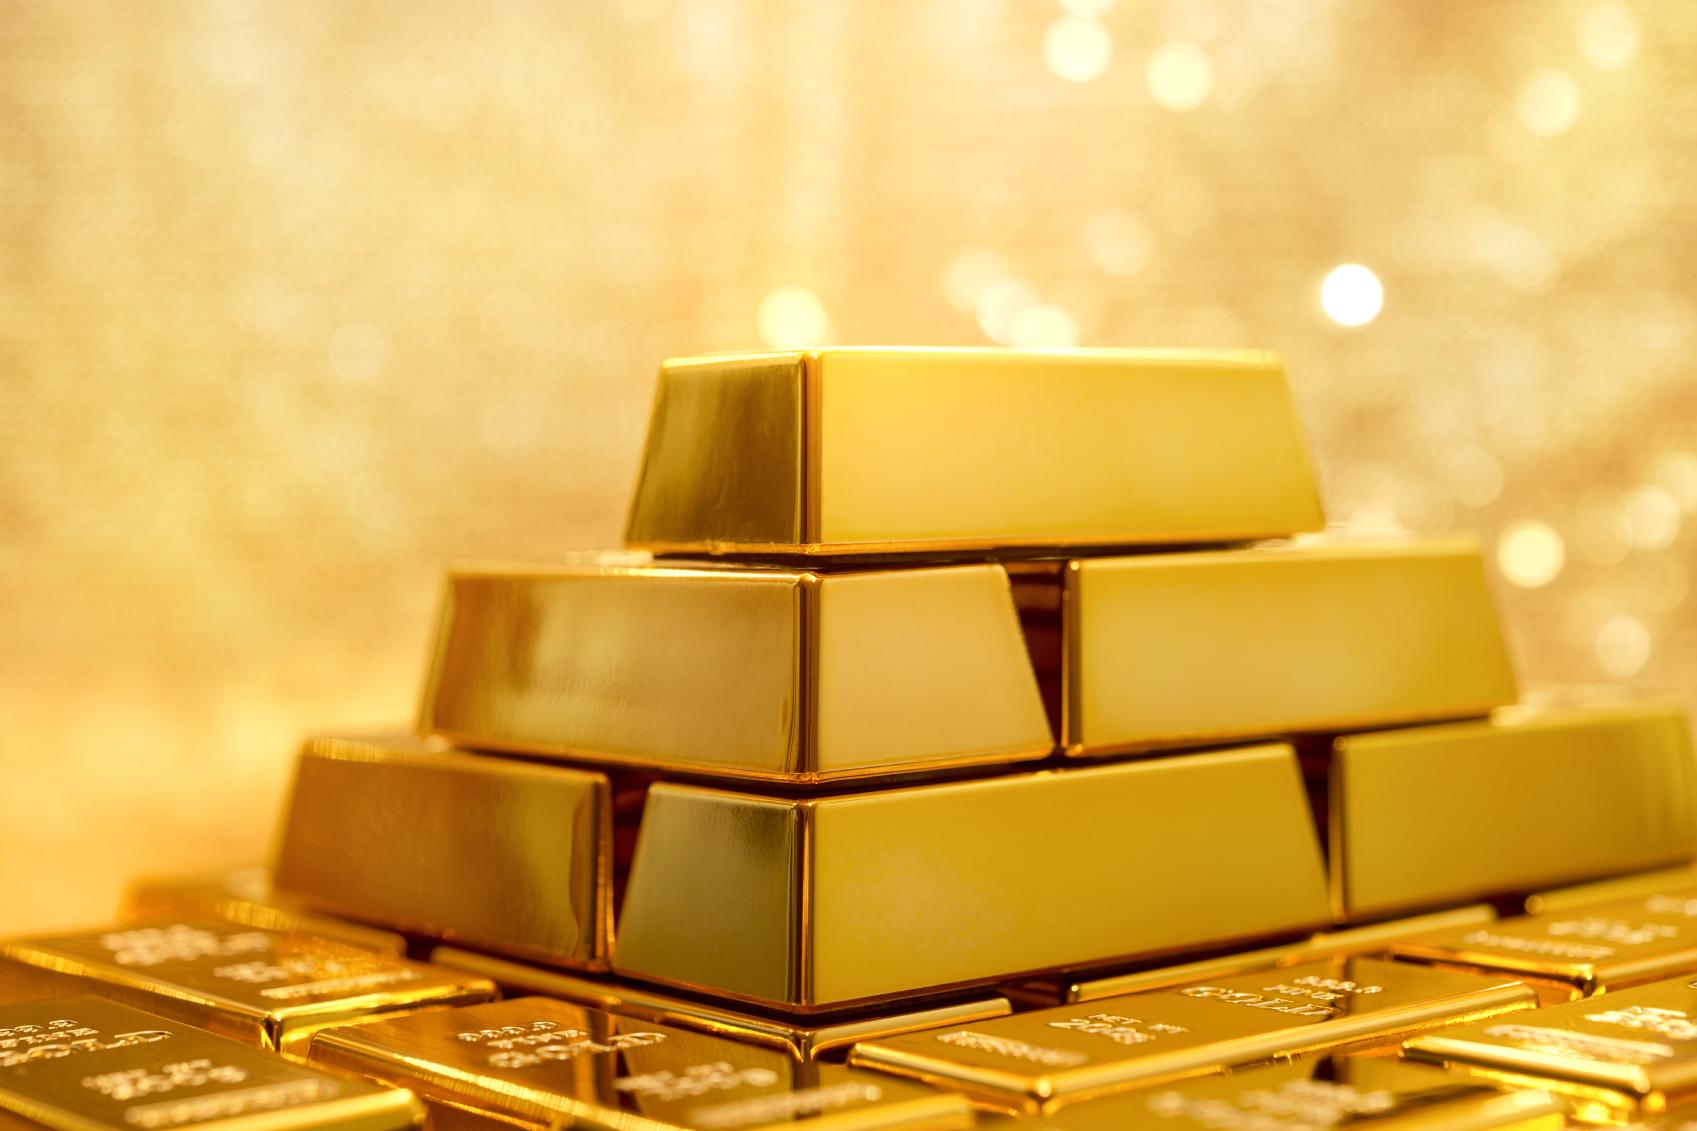 Giá vàng hôm nay lên cao chủ yếu do sự suy yếu của đồng đô la Mỹ